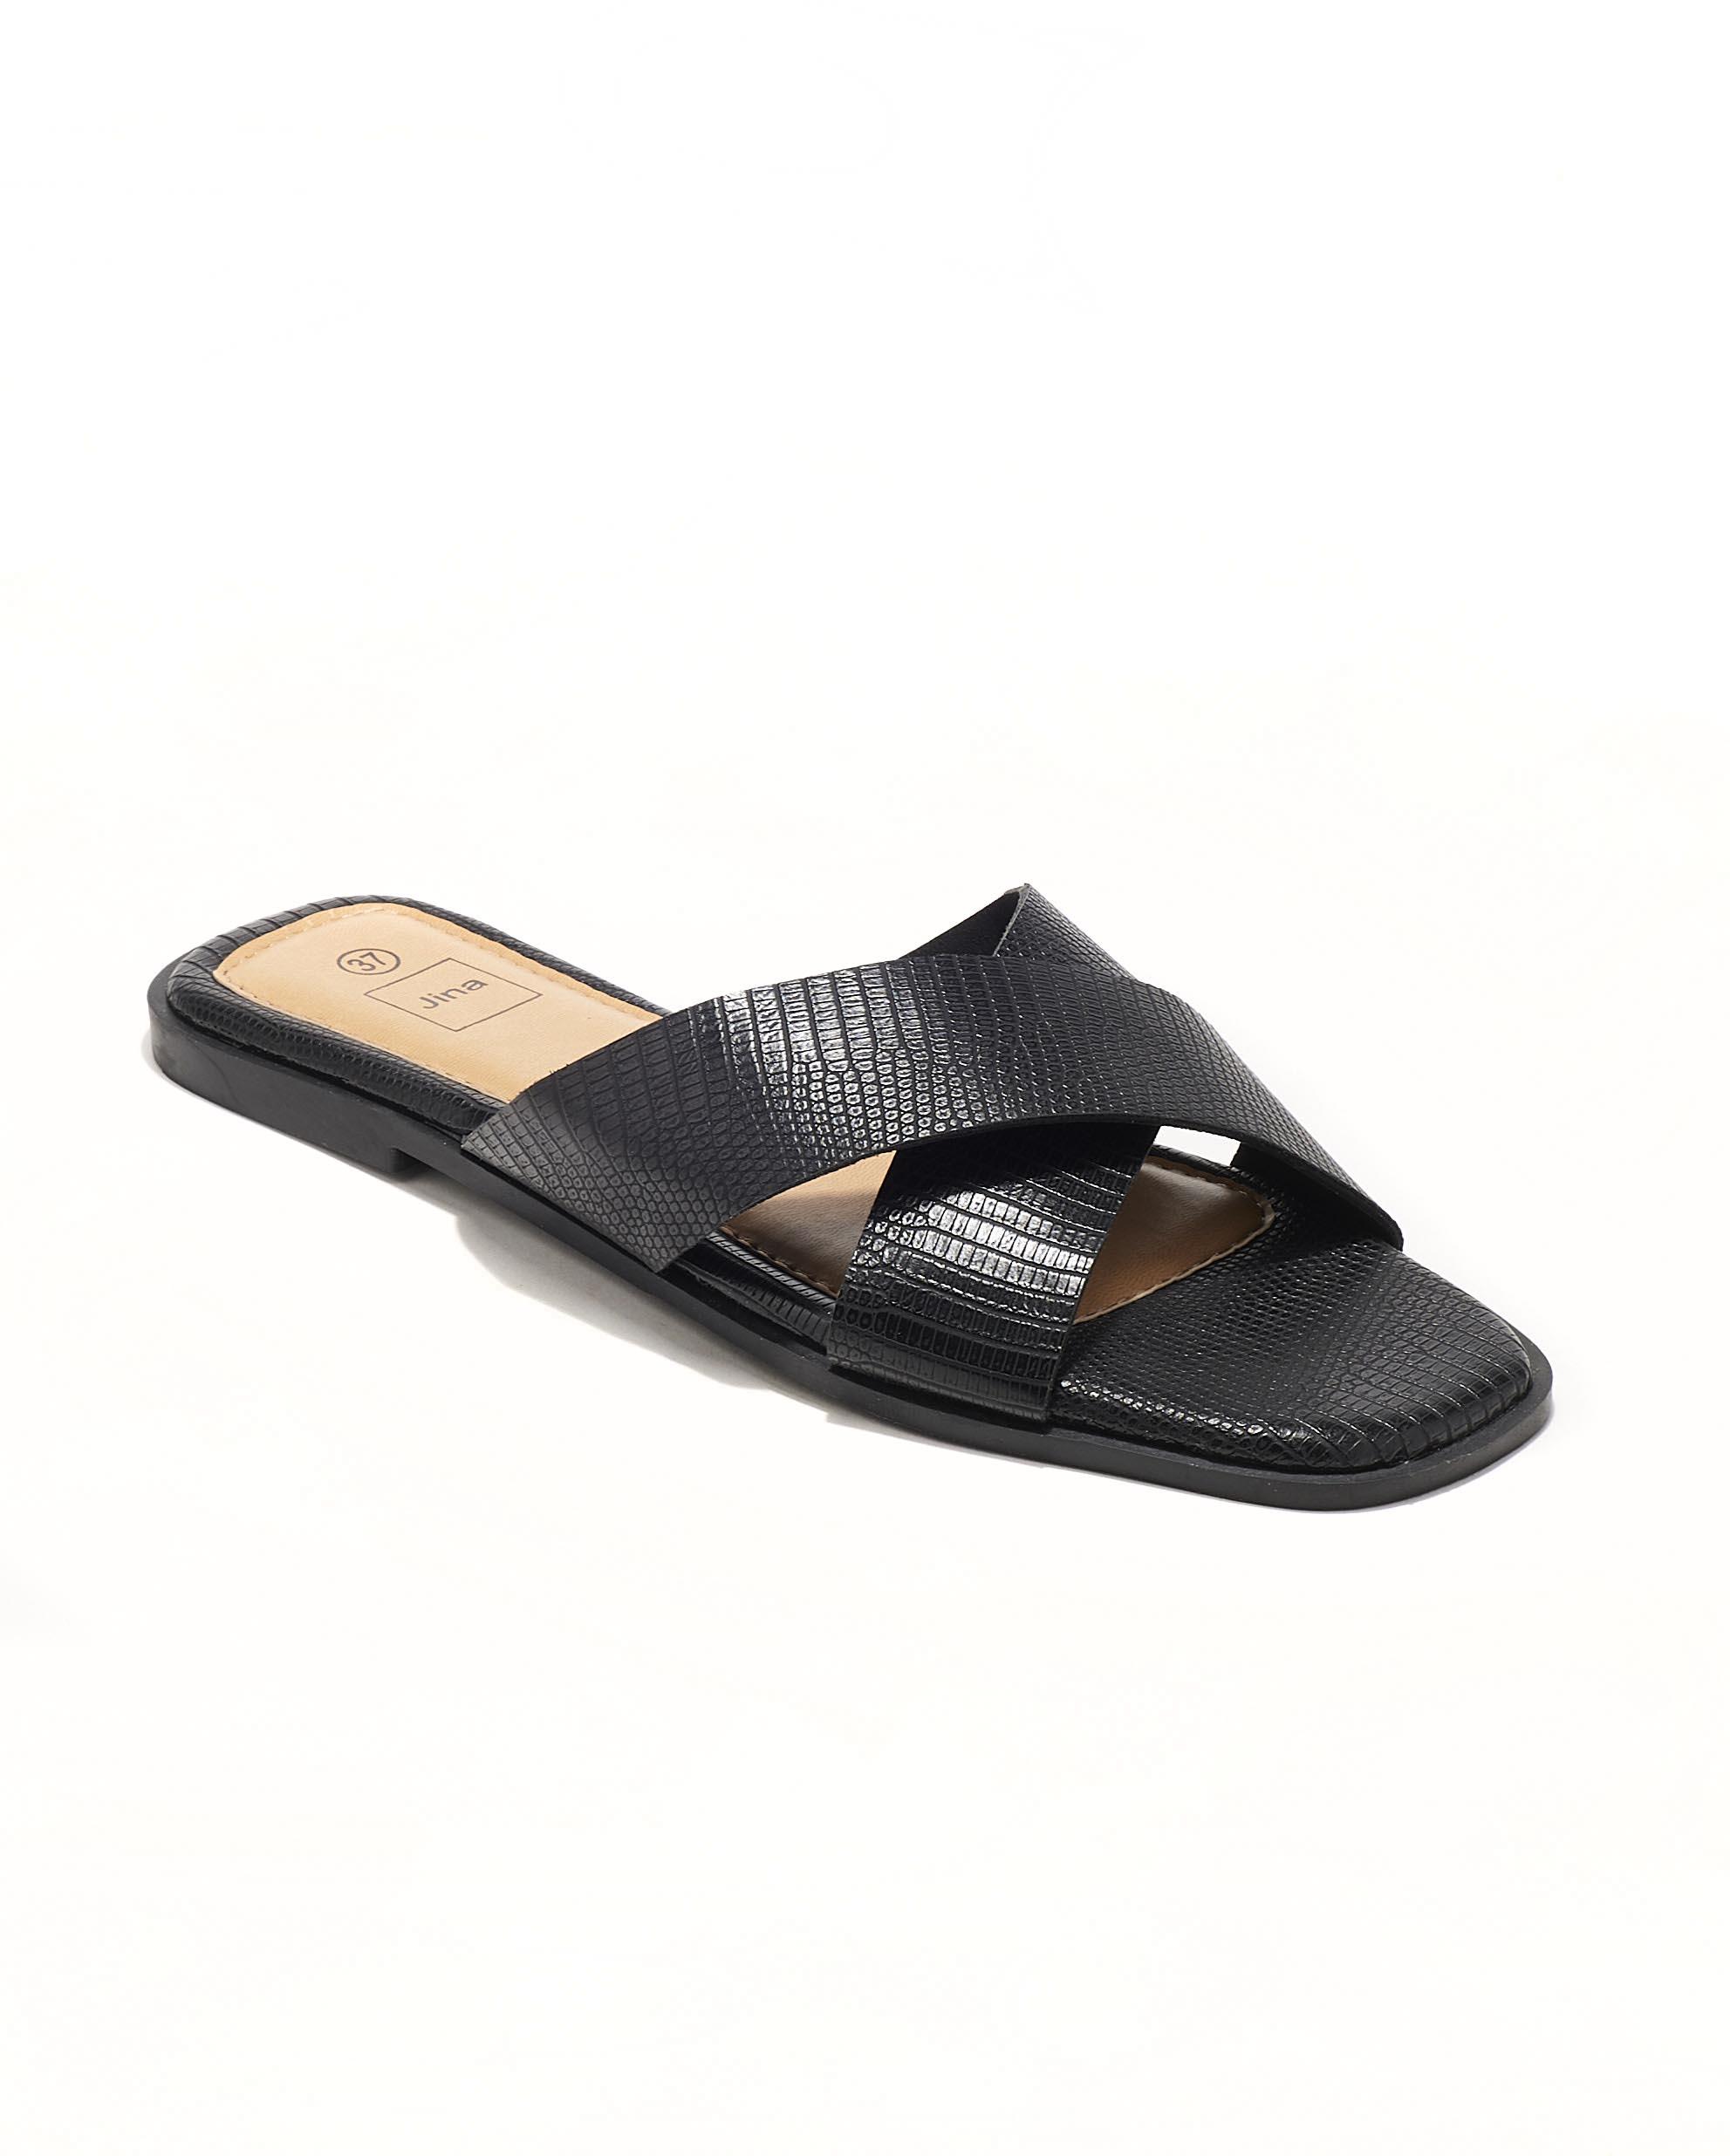 Mules Femme - Mule Plate Noir Jina - Style 8 Zh P06